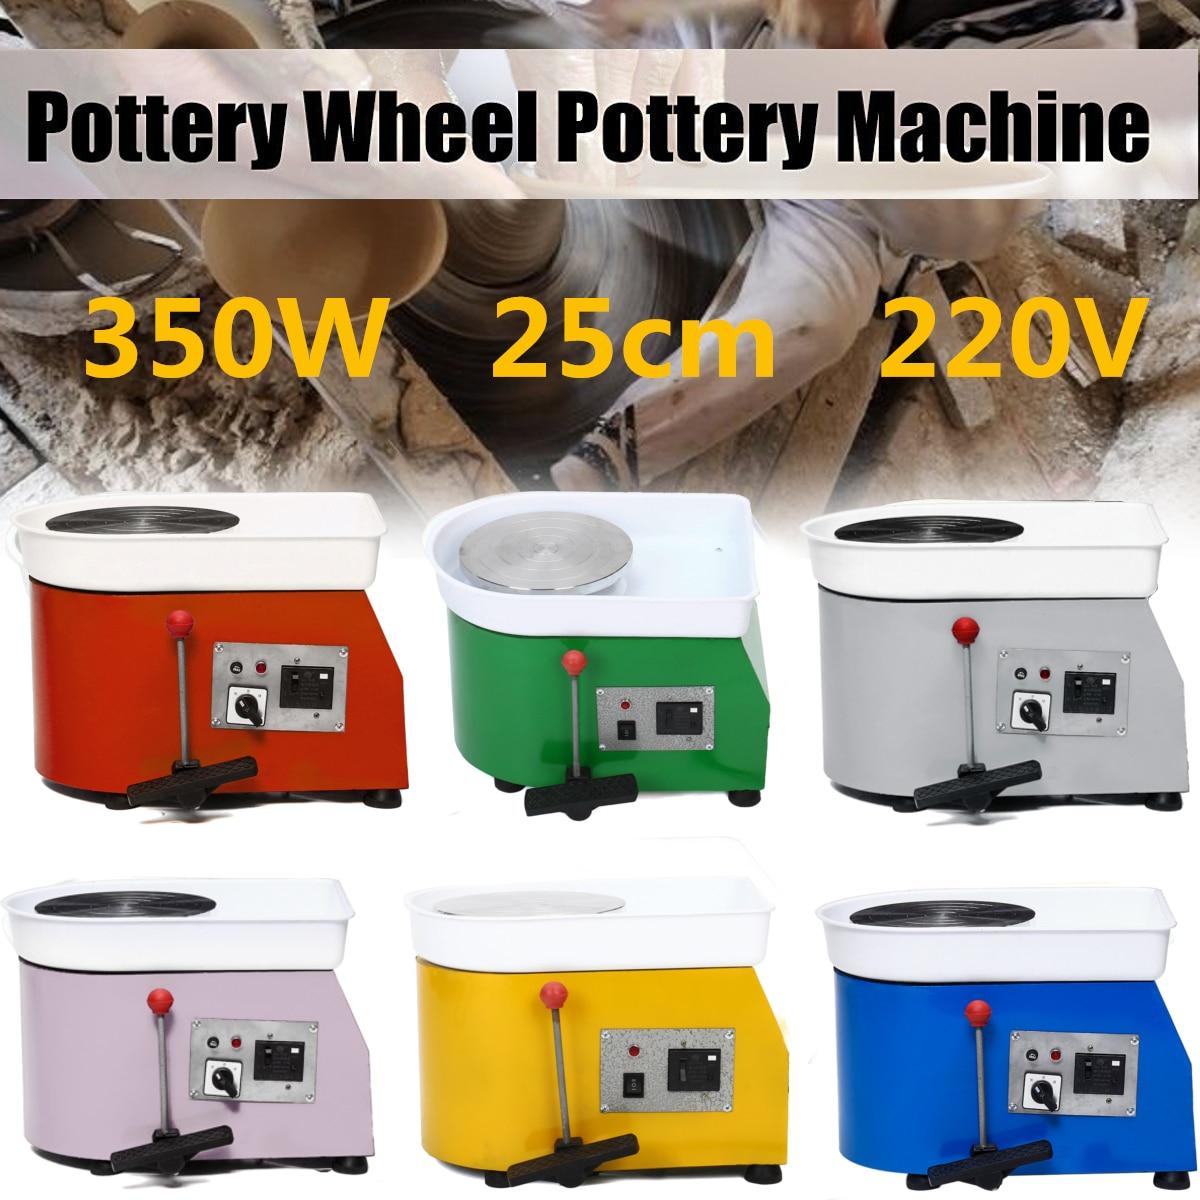 25 cm 350 w Tour De Potier Poterie BRICOLAGE Argile Machine Pour Travail En Céramique Céramique Argile 220 v Enfants D'apprentissage Machine